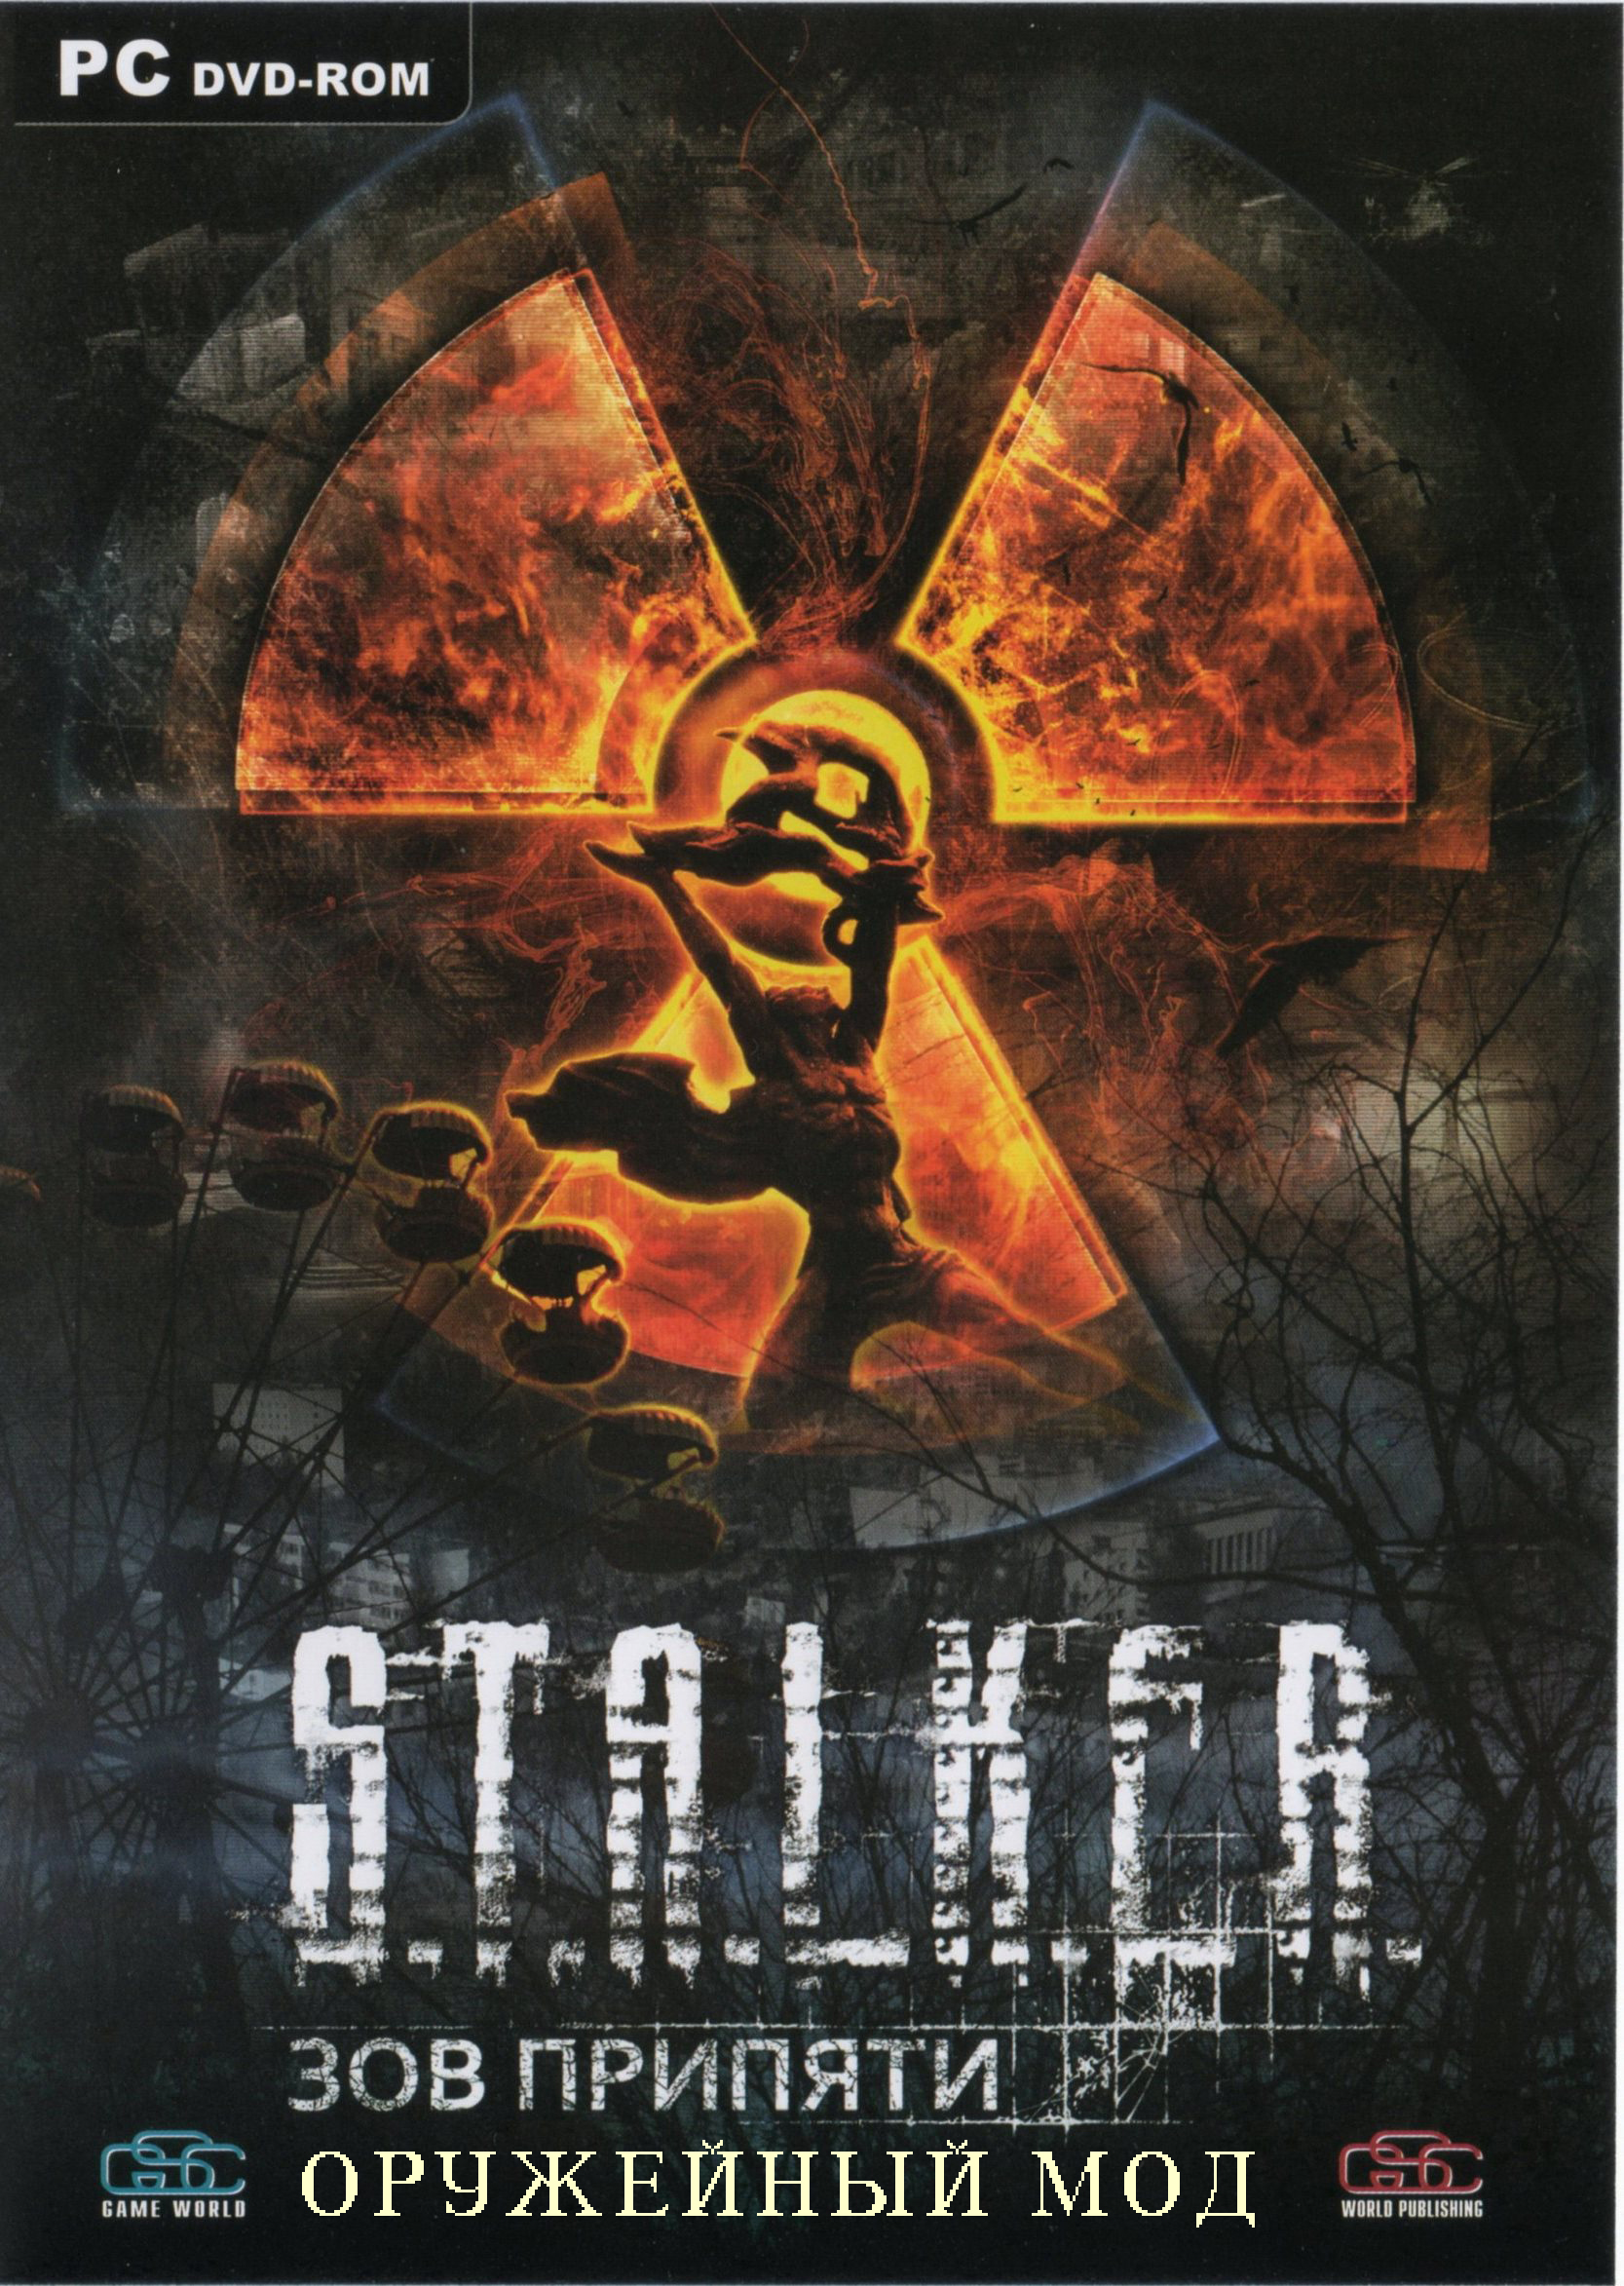 S.T.A.L.K.E.R.: Зов Припяти - Оружейный Мод (2011) PC